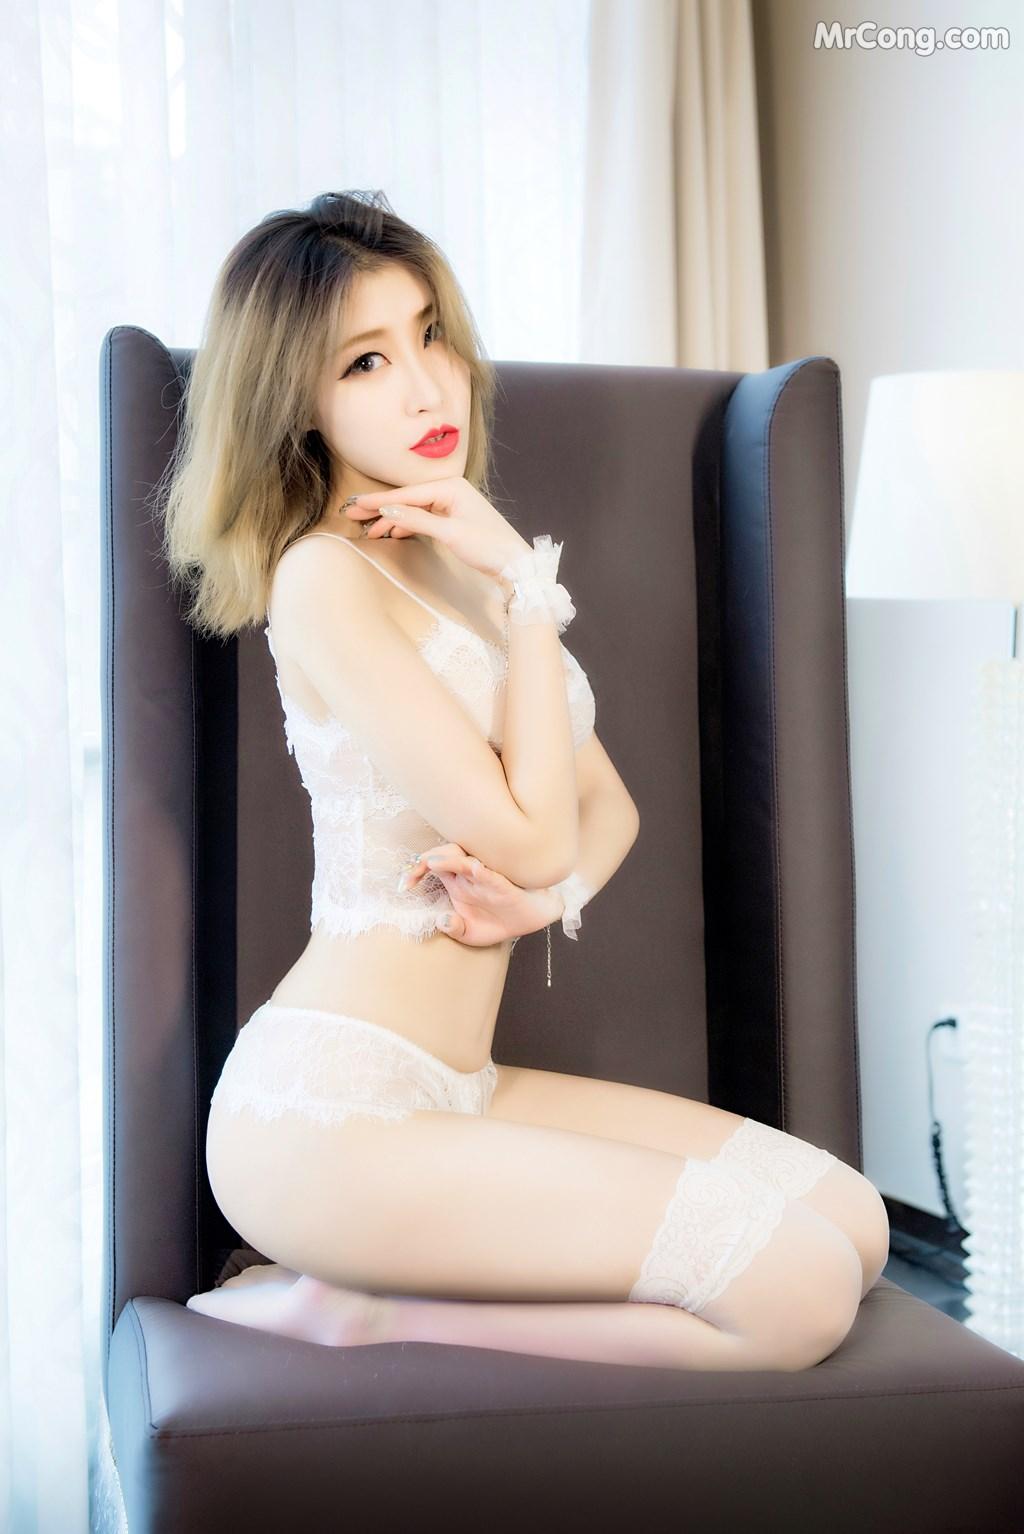 Image SLADY-2017-05-25-No.003-Zhao-Huan-Yan-MrCong.com-007 in post SLADY 2017-05-25 No.003: Người mẫu Zhao Huan Yan (赵欢颜) (46 ảnh)